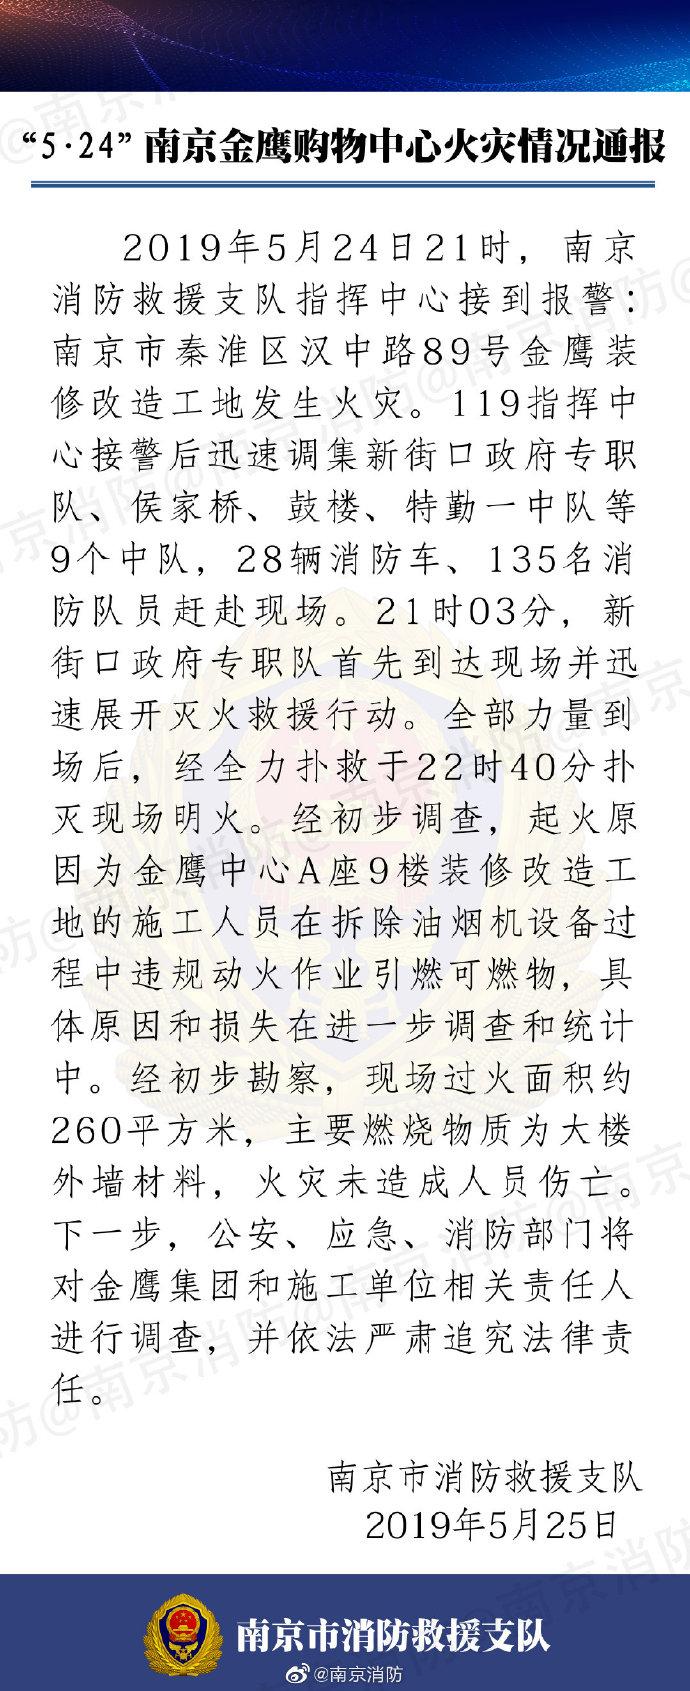 南京金鹰购物中心火灾情况通报:施工人员违规动火作业